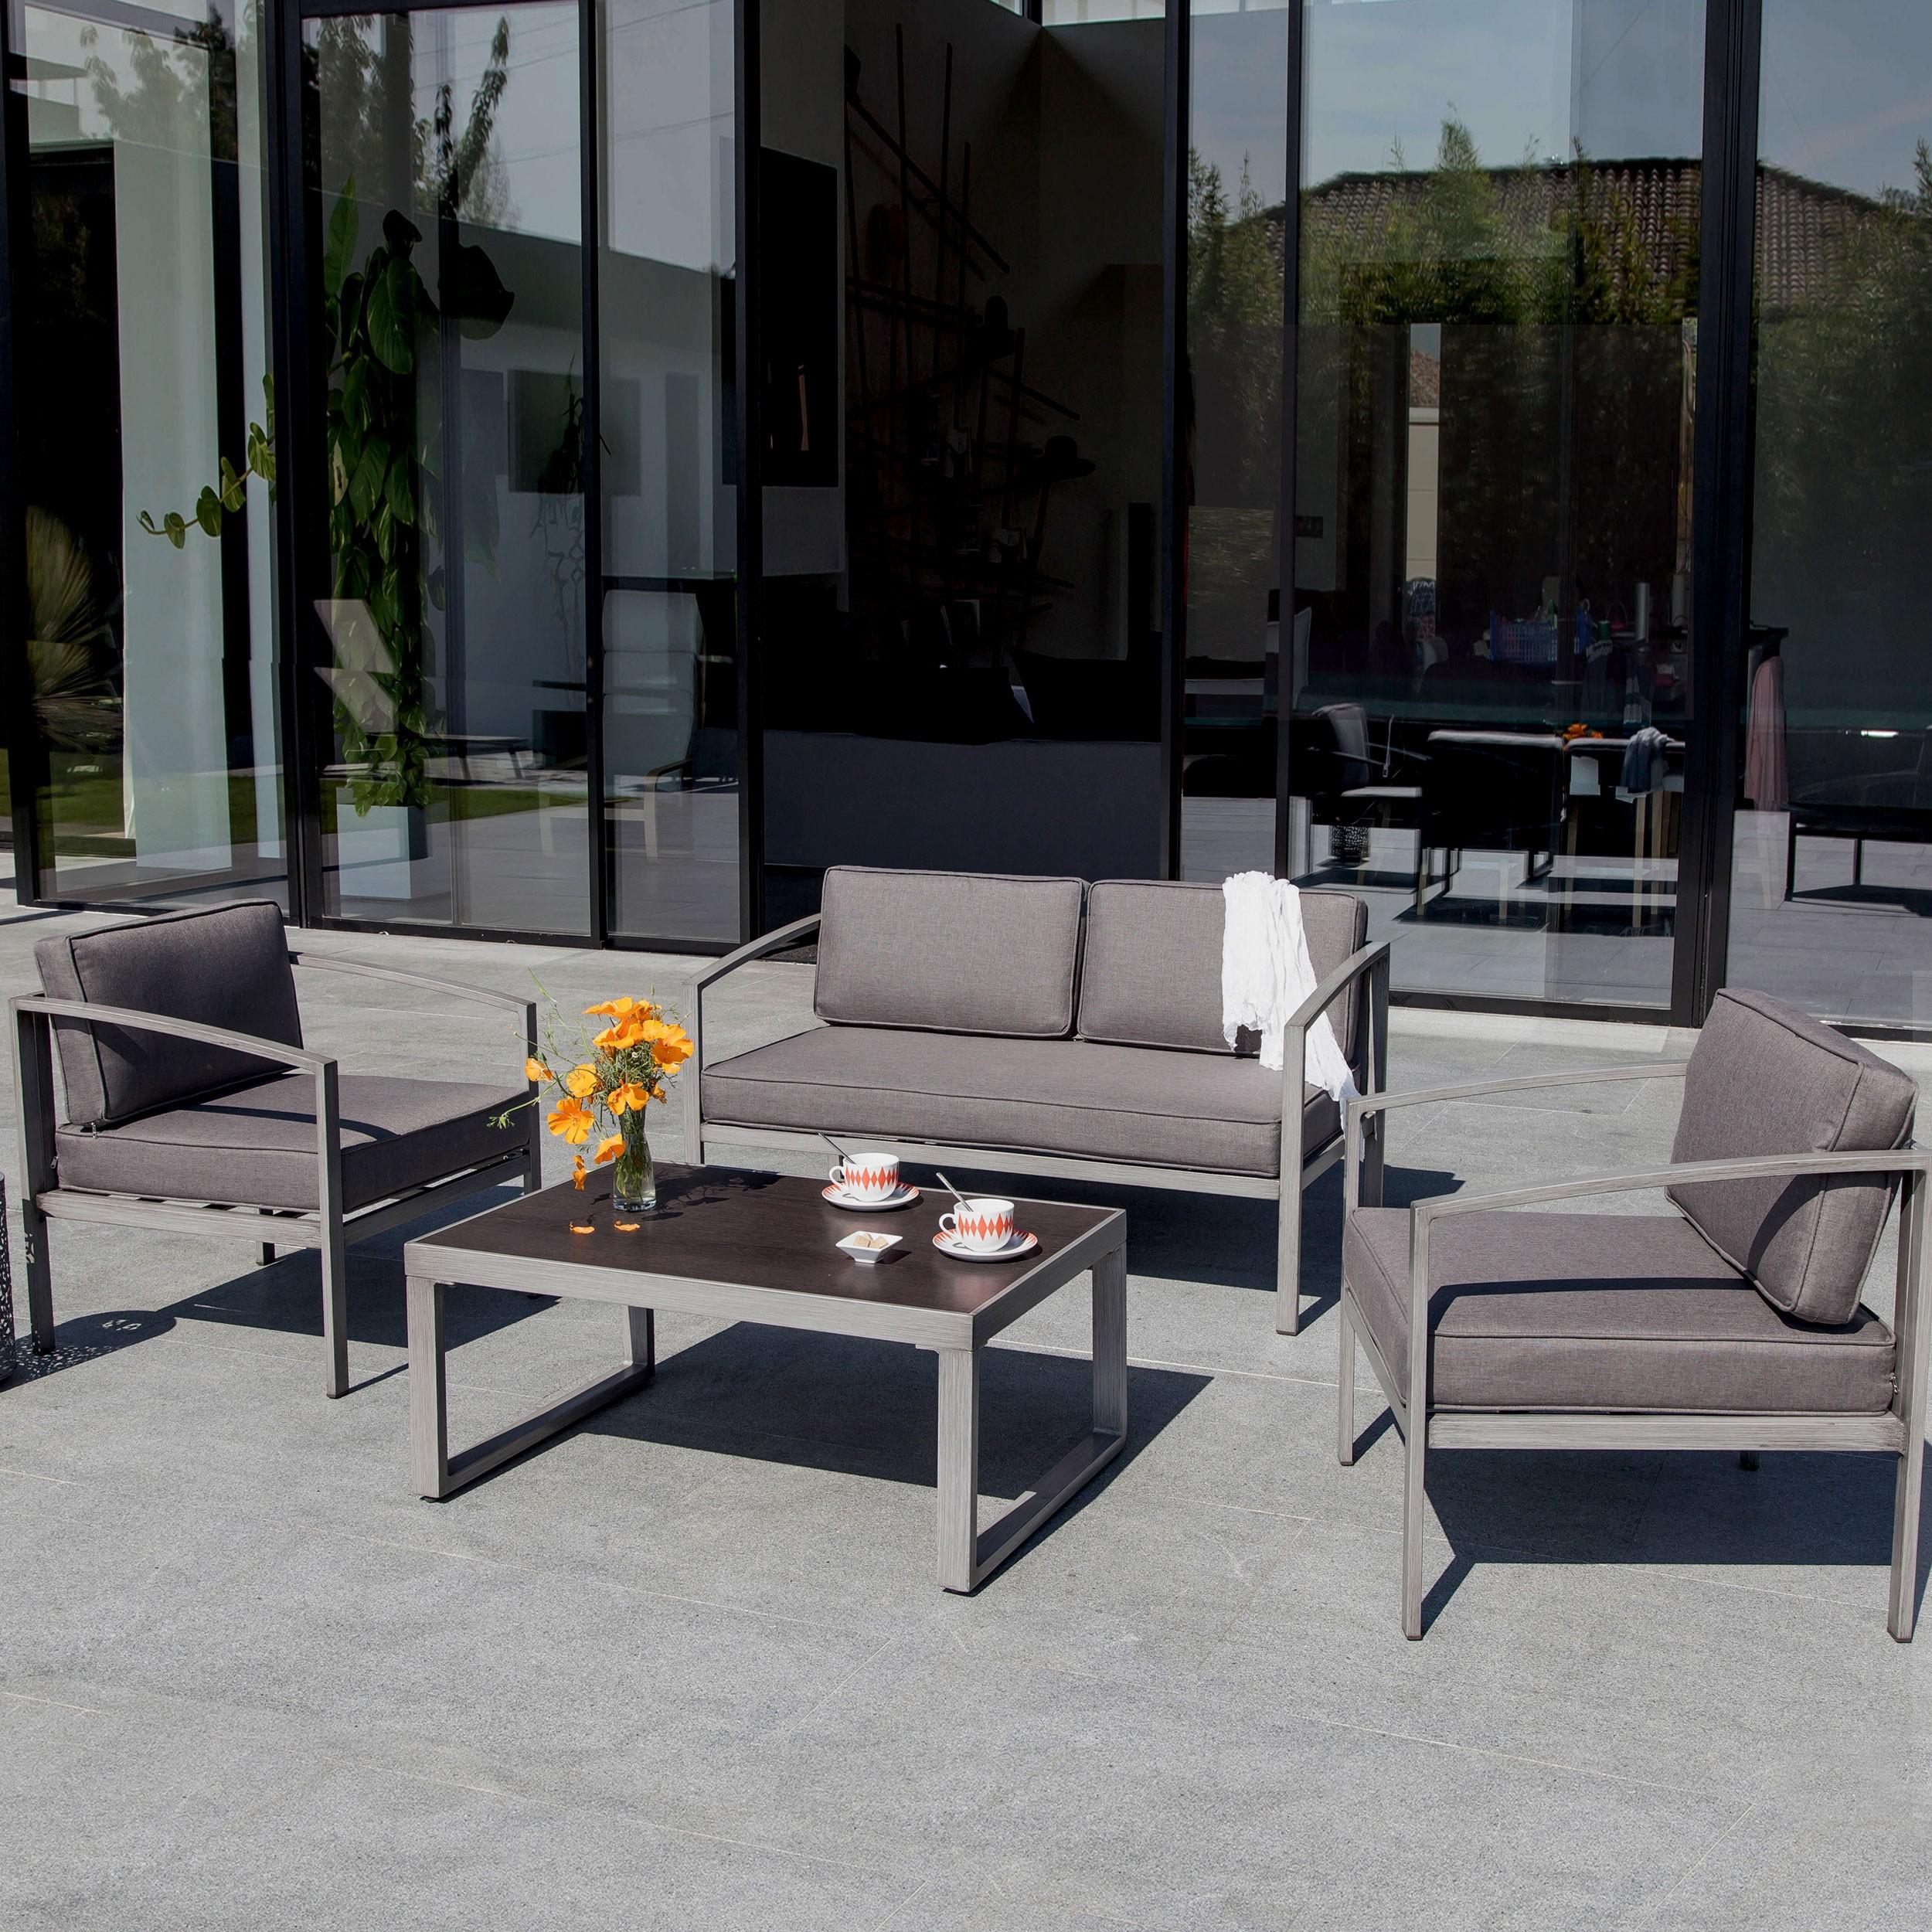 Salon de jardin Toluca gris (2 fauteuils et 1 canapé)